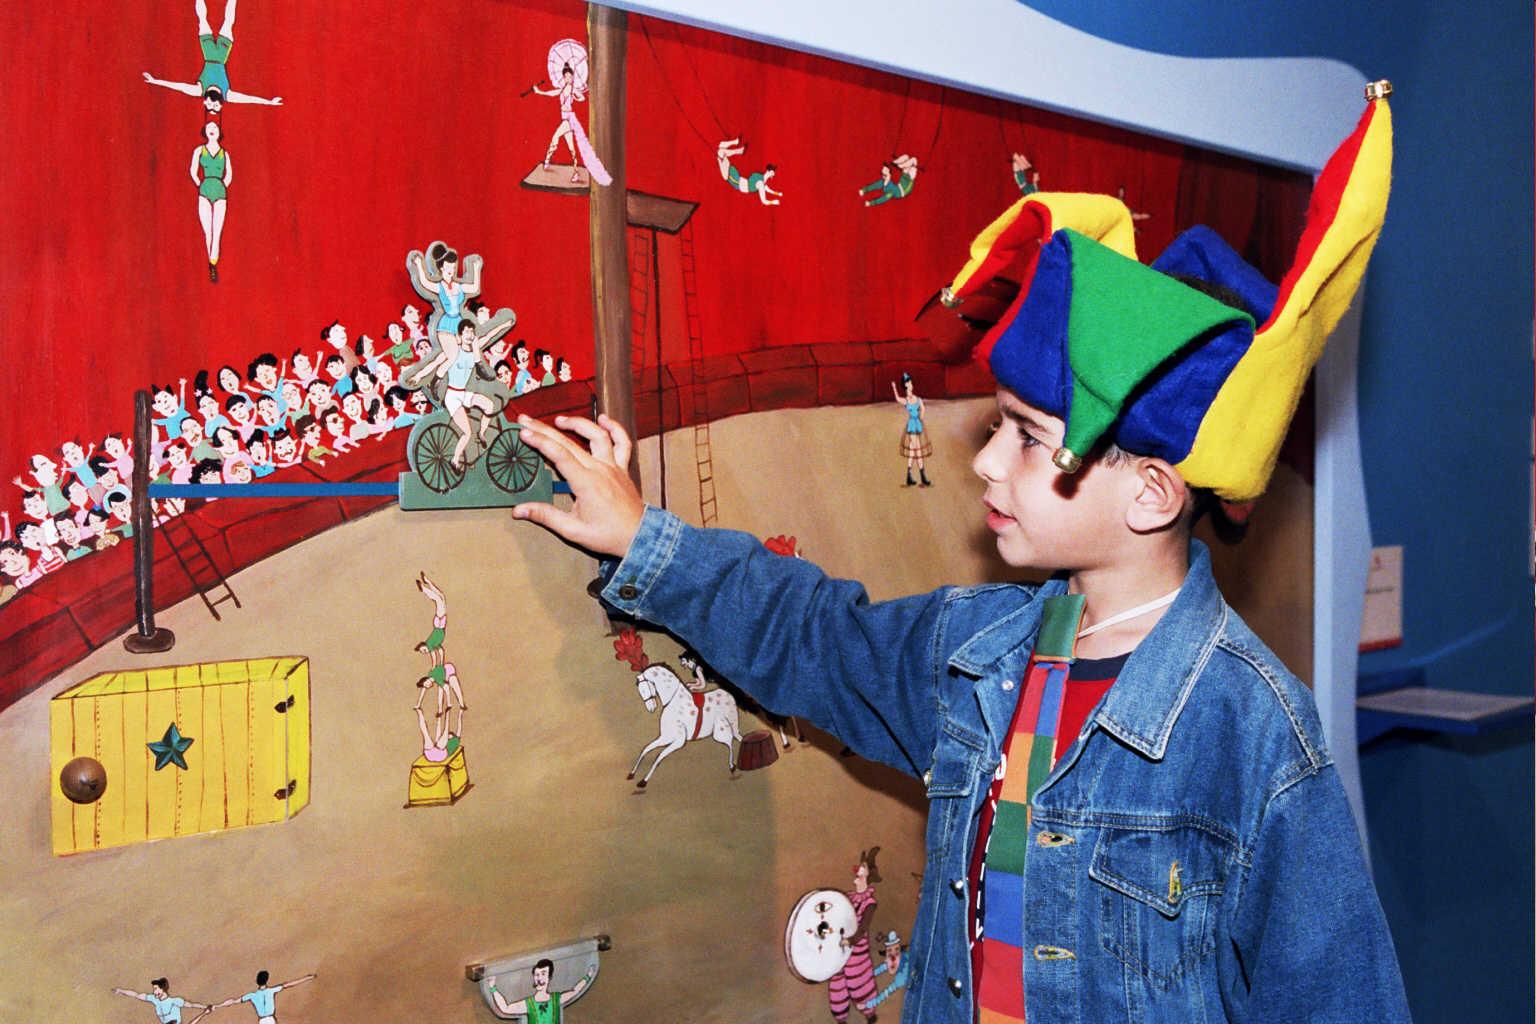 """מתוך תערוכת """"קסם הקרקס"""", מוזיאון תל-אביב לאמנות, 2004-2005"""